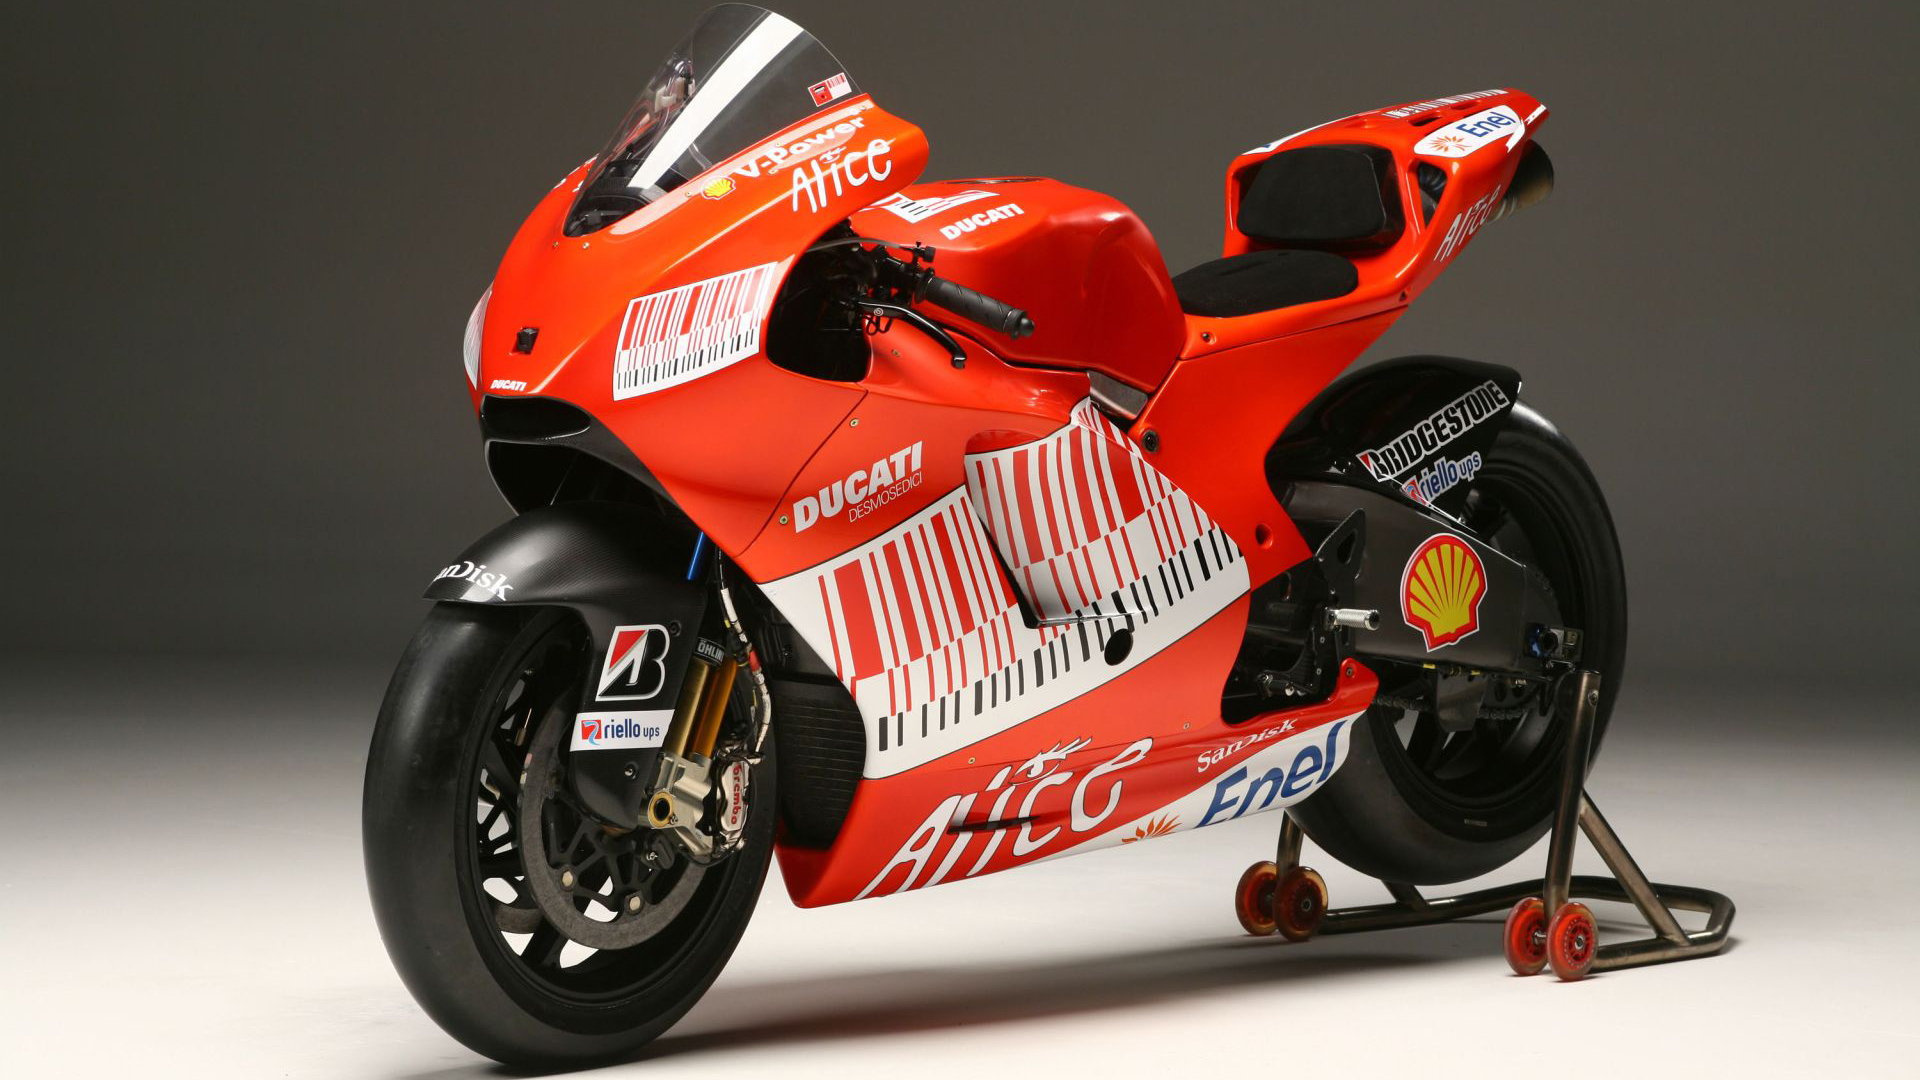 Ducati Sports Bikes wallpaper 1920x1080